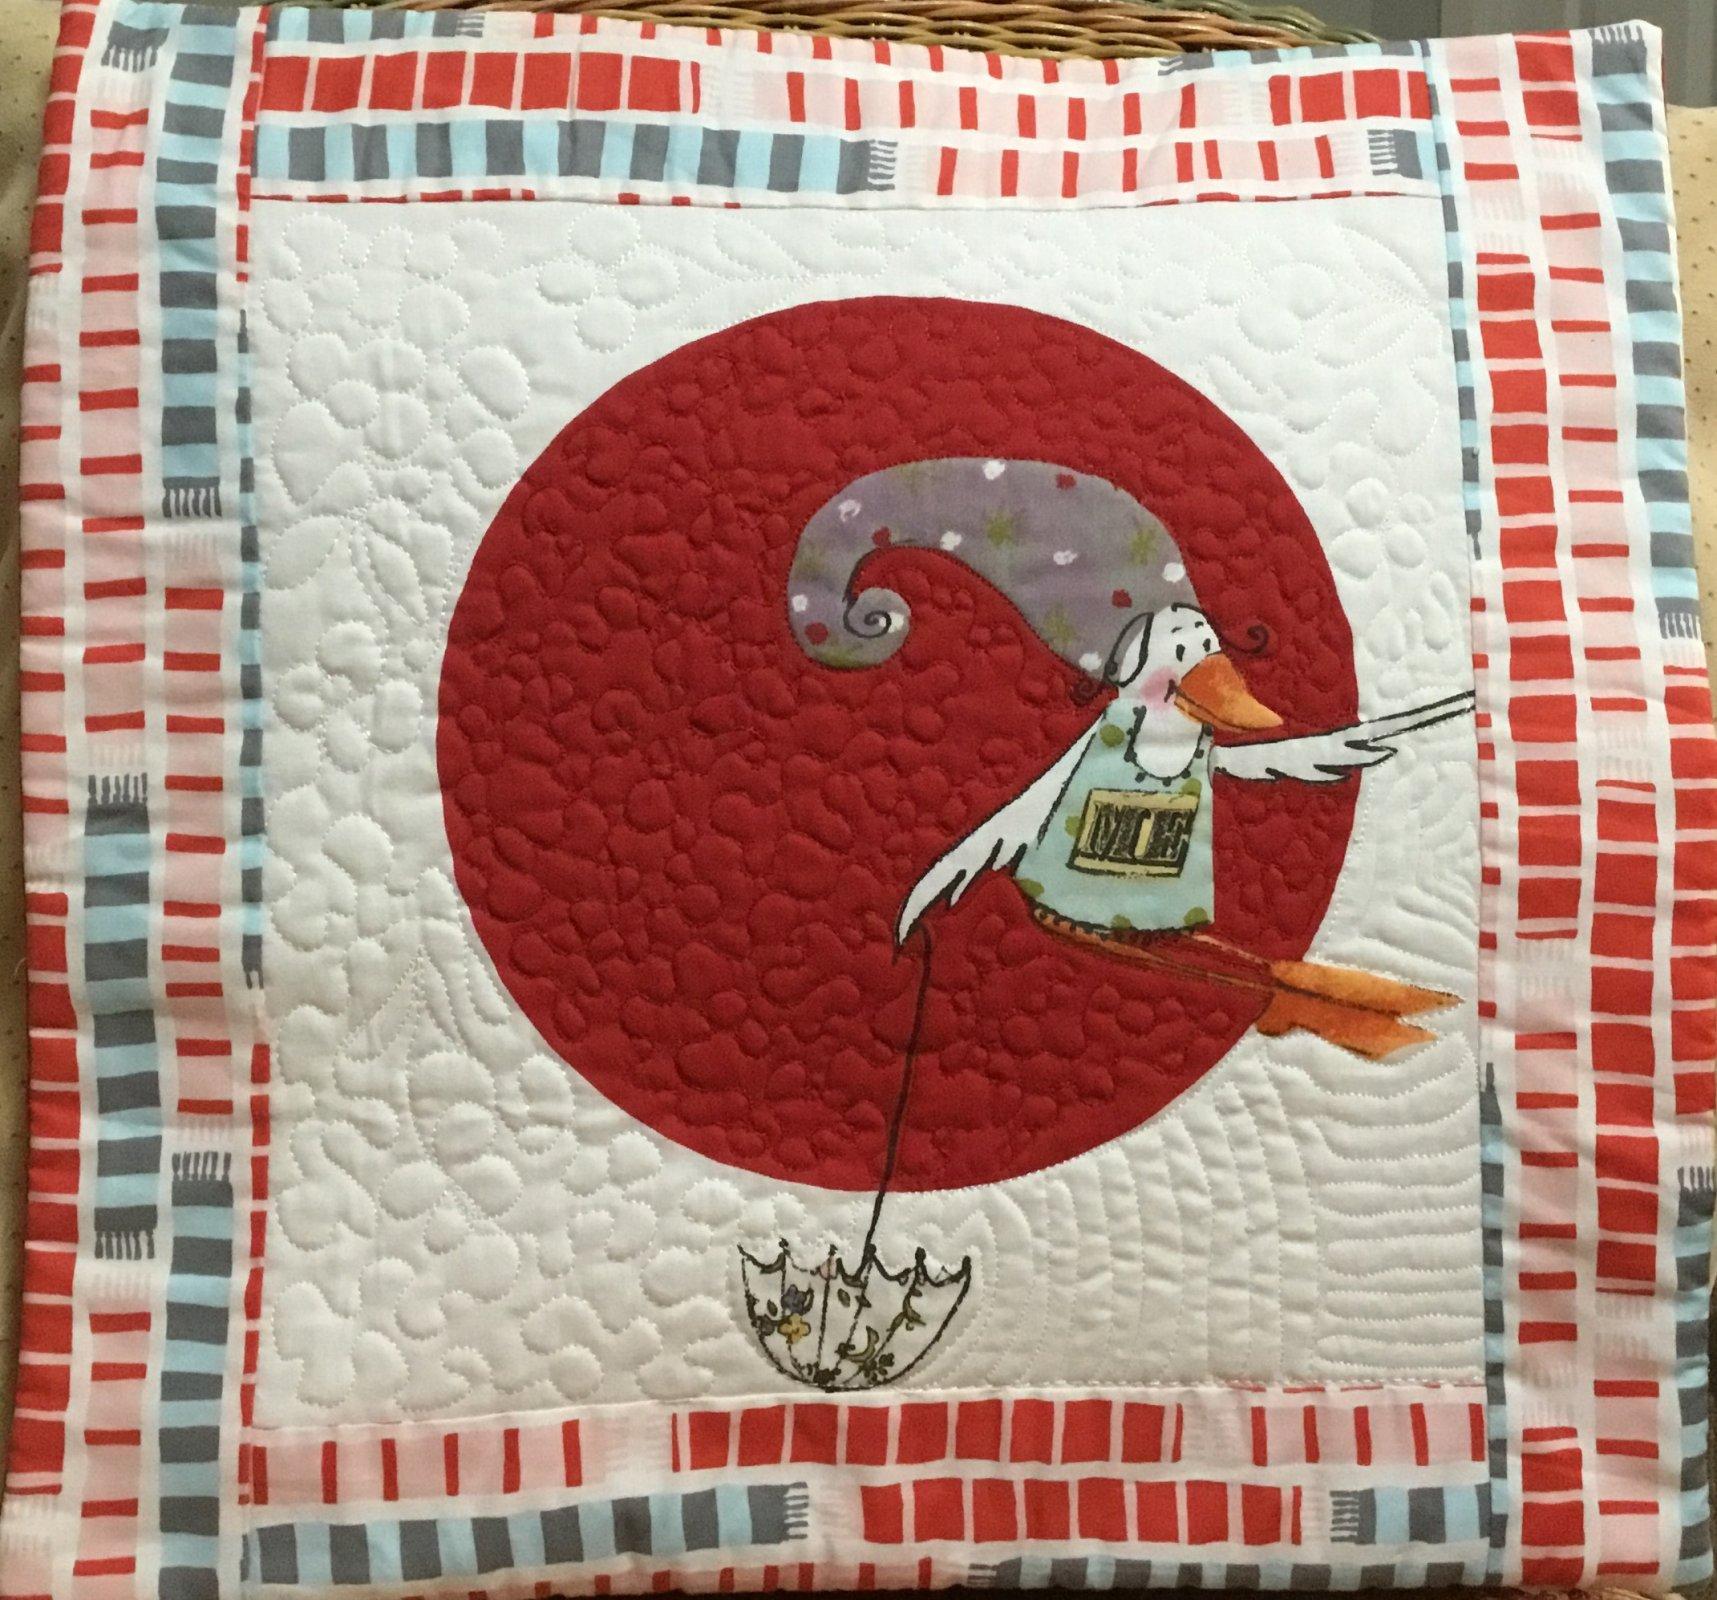 HBH212 Cushion cover